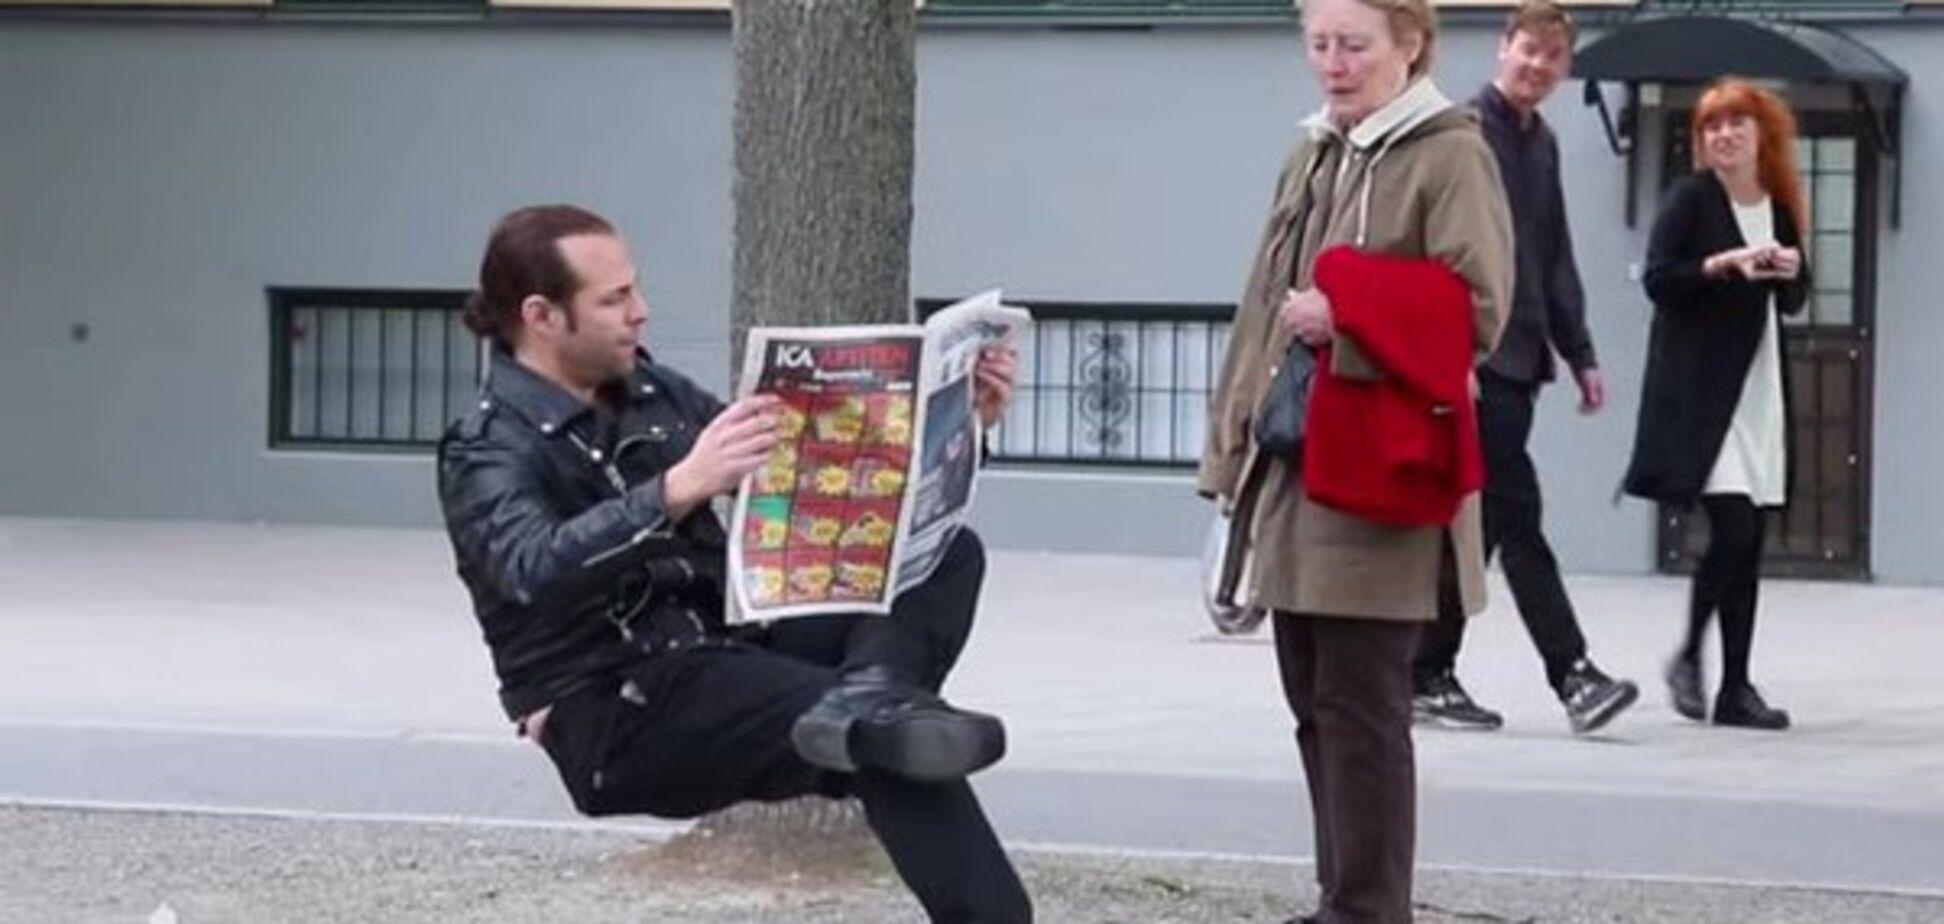 Сеть шокировал фокус с невидимым стулом: опубликовано видео